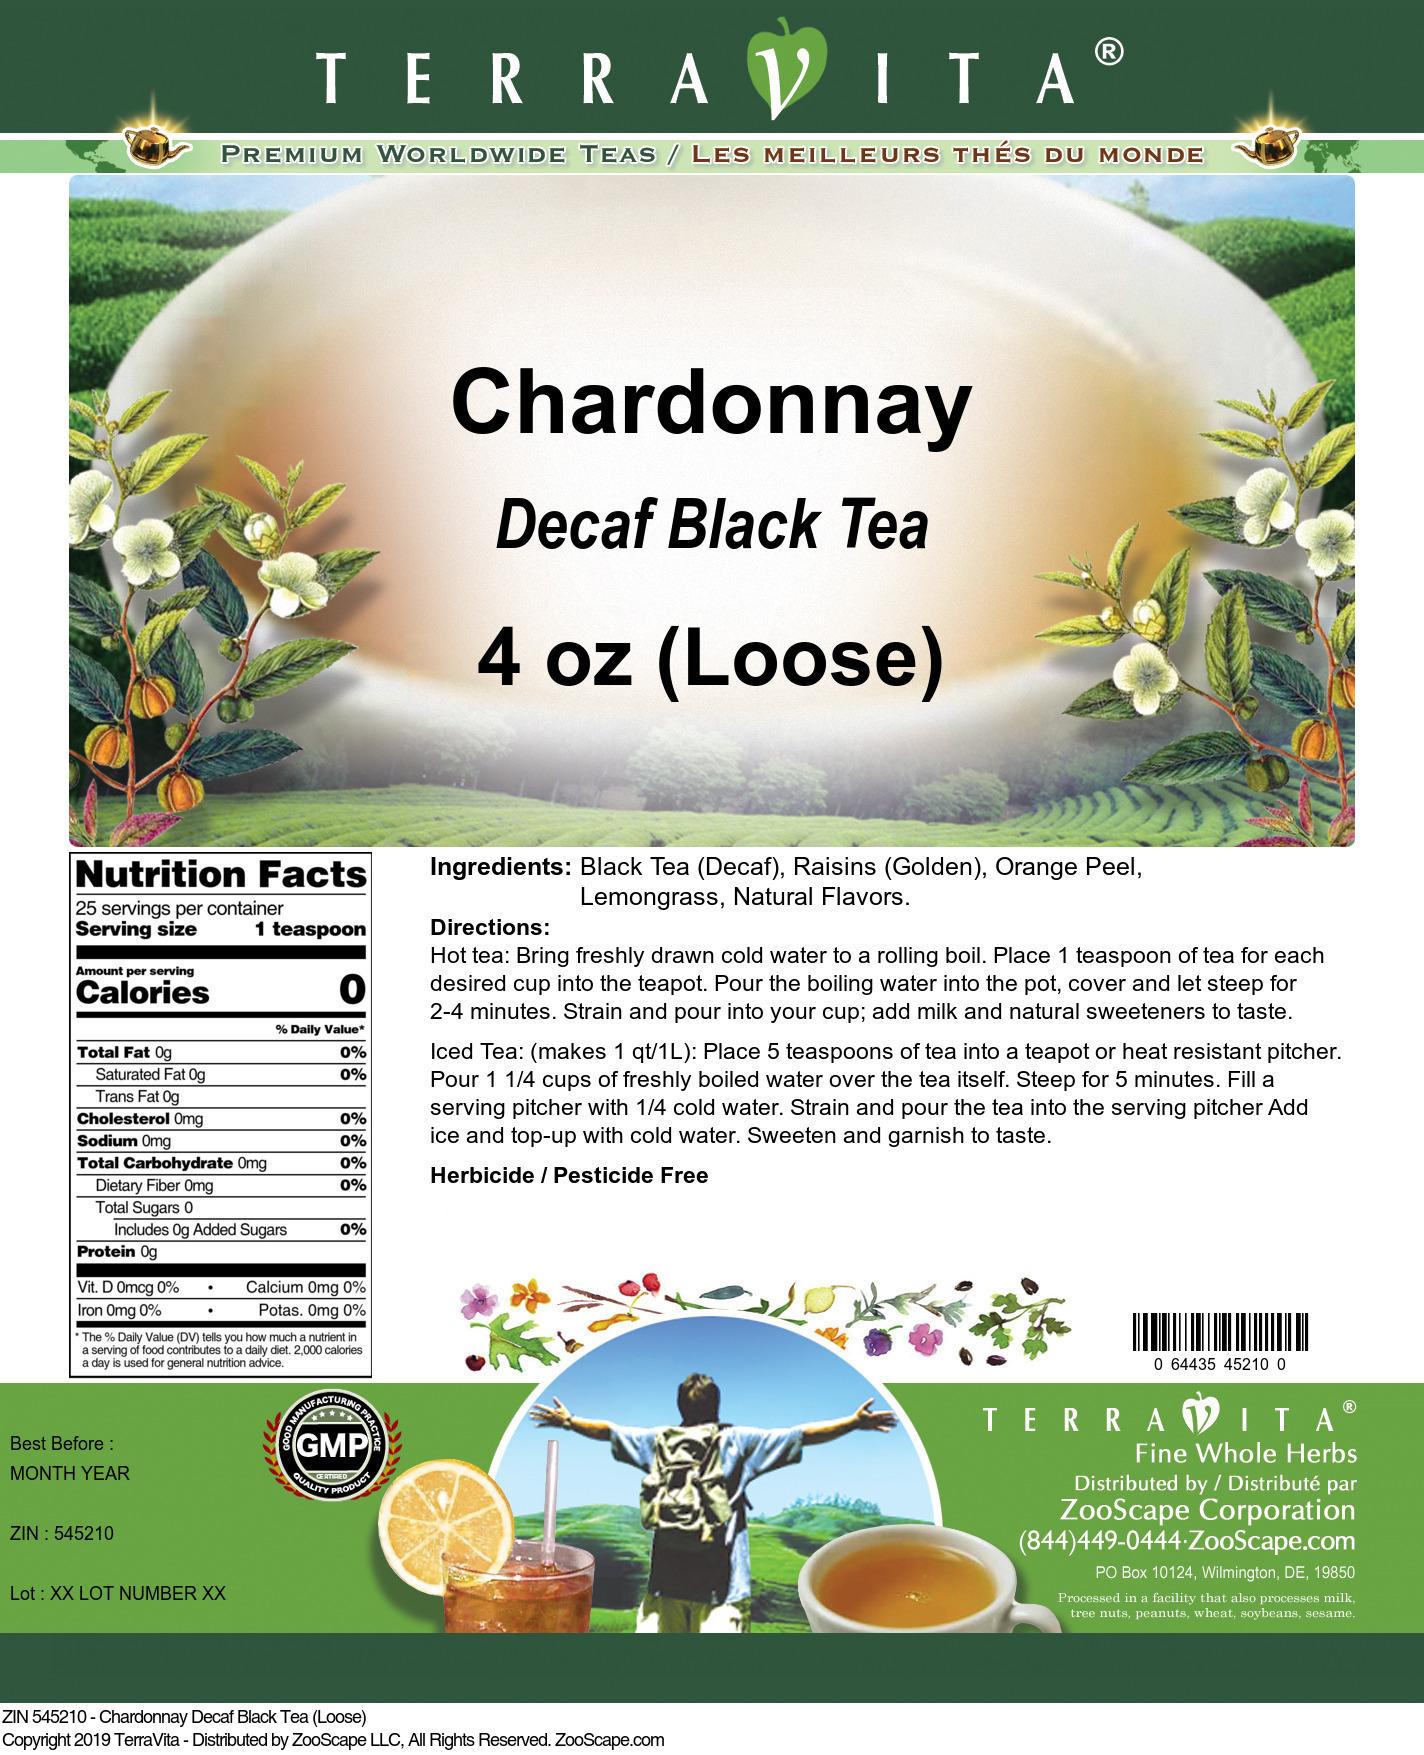 Chardonnay Decaf Black Tea (Loose)